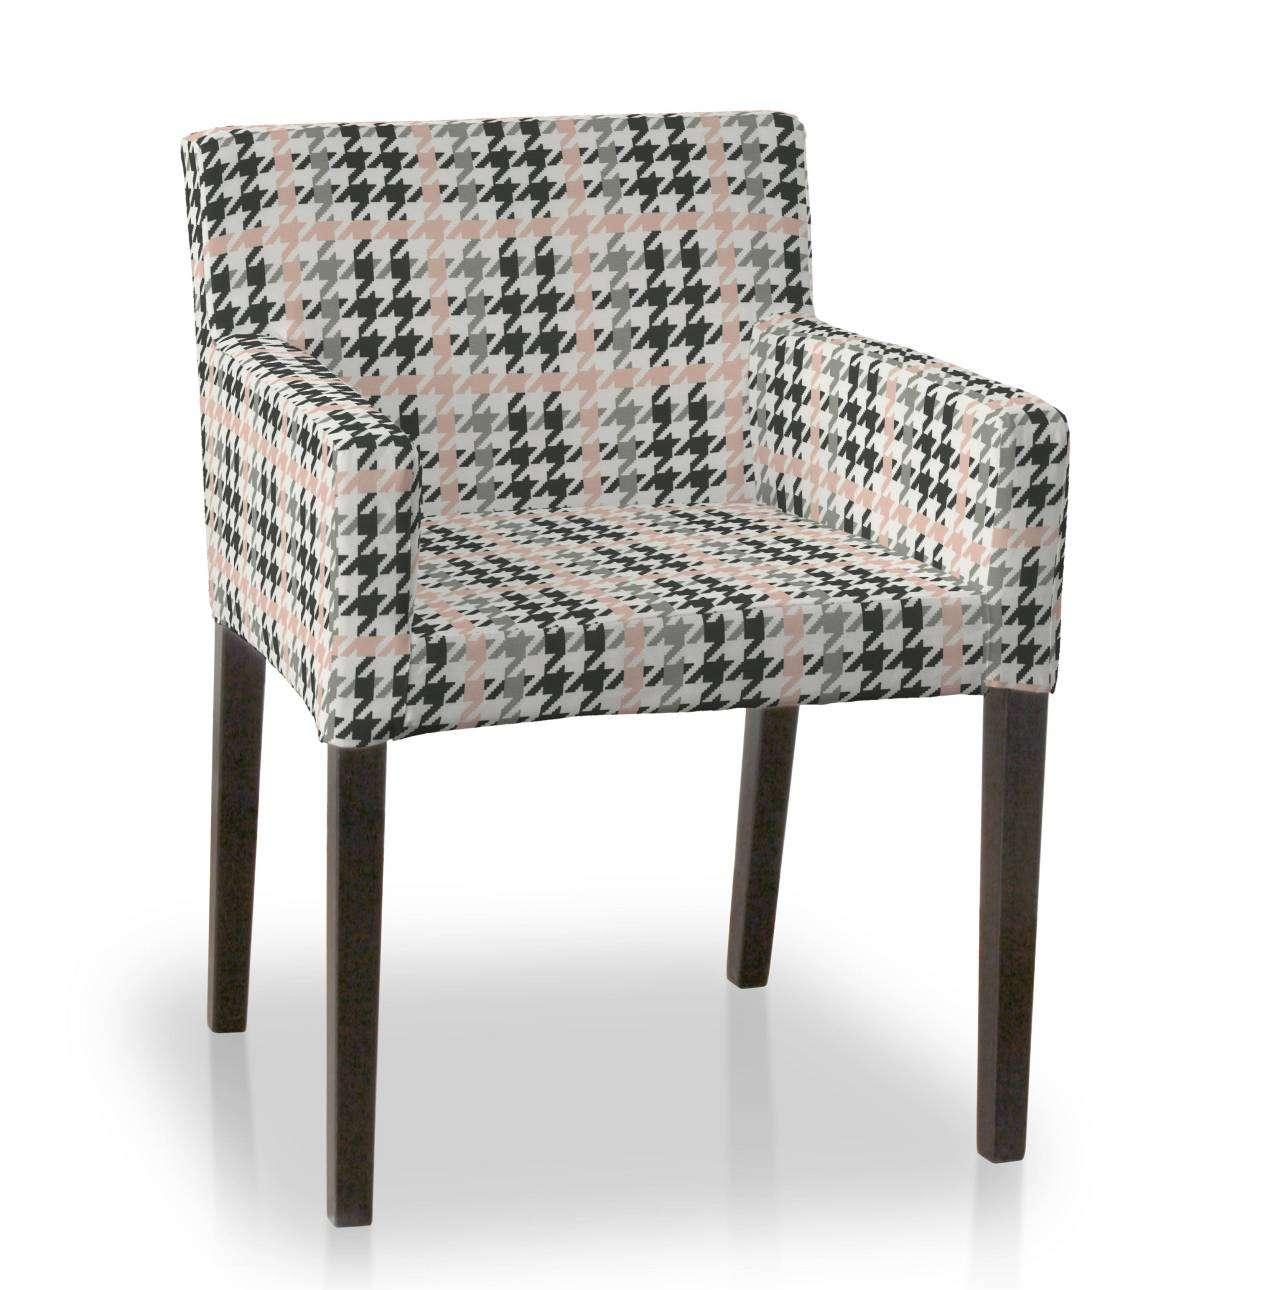 Sukienka na krzesło Nils krzesło Nils w kolekcji Brooklyn, tkanina: 137-75